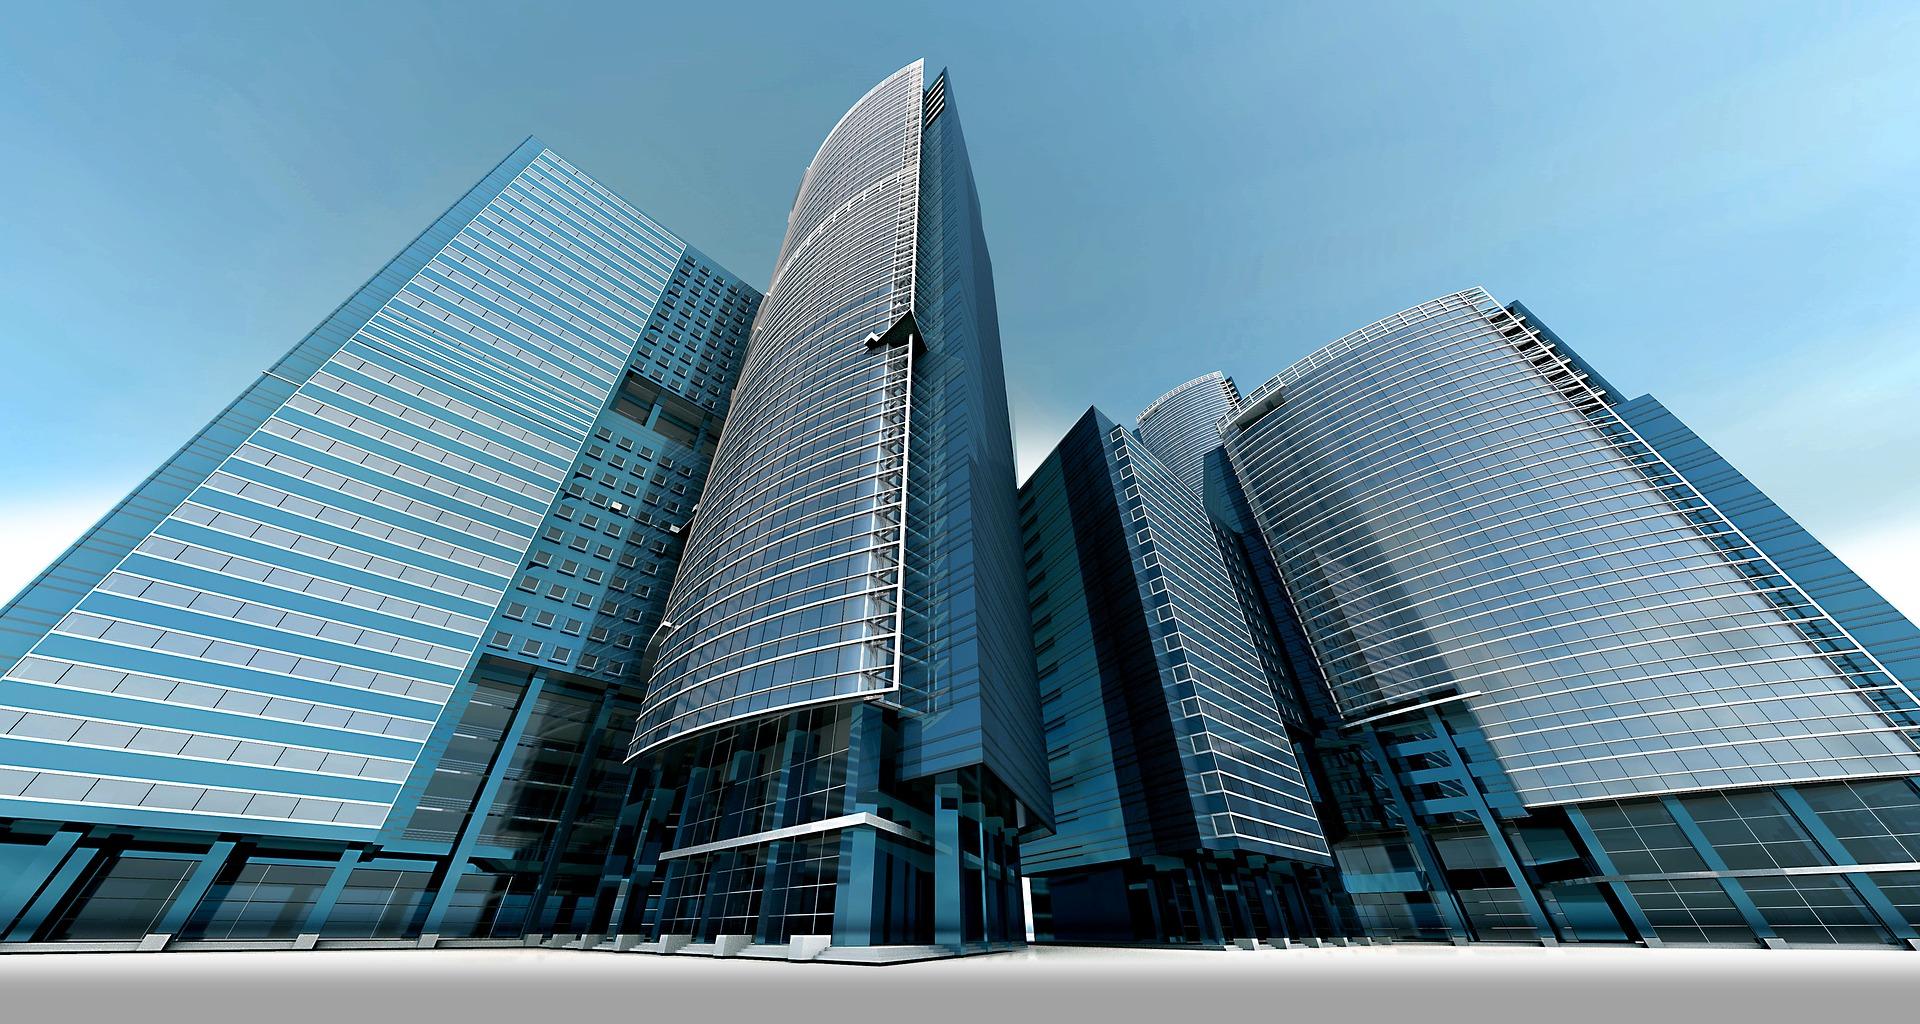 La banque américaine Capital One s'est fait voler les données personnelles de 106 millions de clients